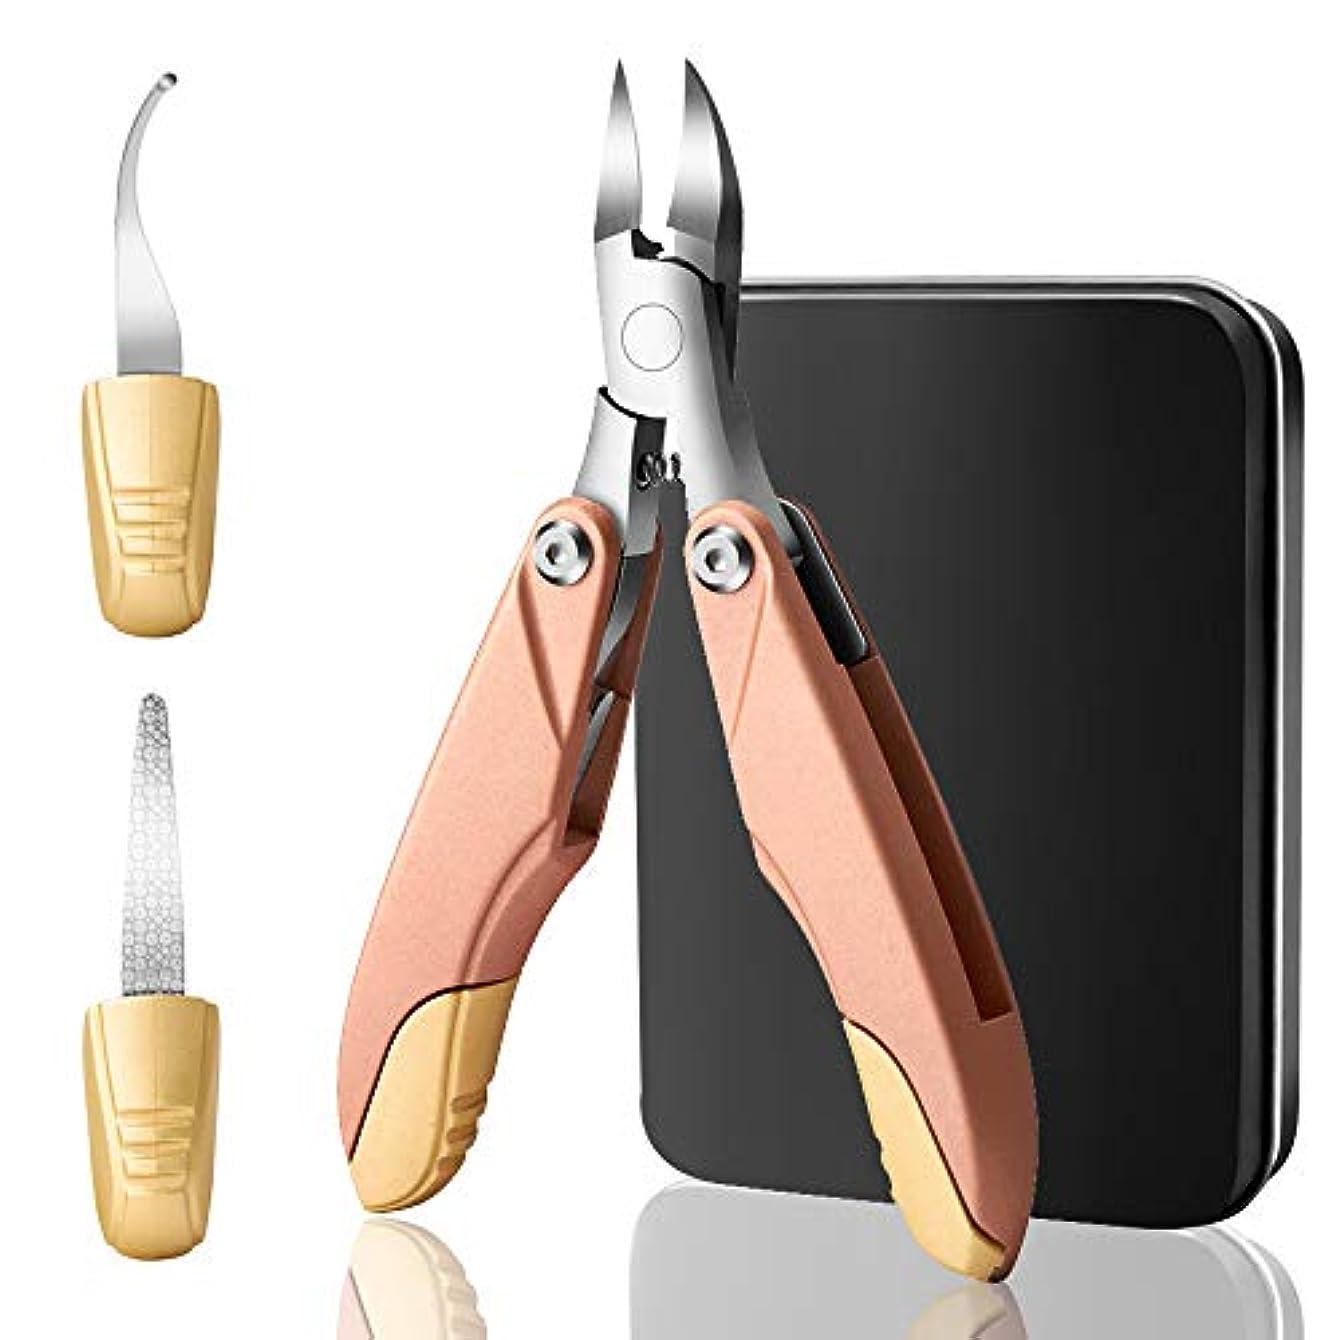 木材充実論理YunTech 爪切り3in1 ニッパー爪切り ステンレス製 折り畳み式 巻き爪 硬い爪などにも対応 ゾンデ/爪やすり付き 手足兼用 収納ケース付き (ローズゴールド)